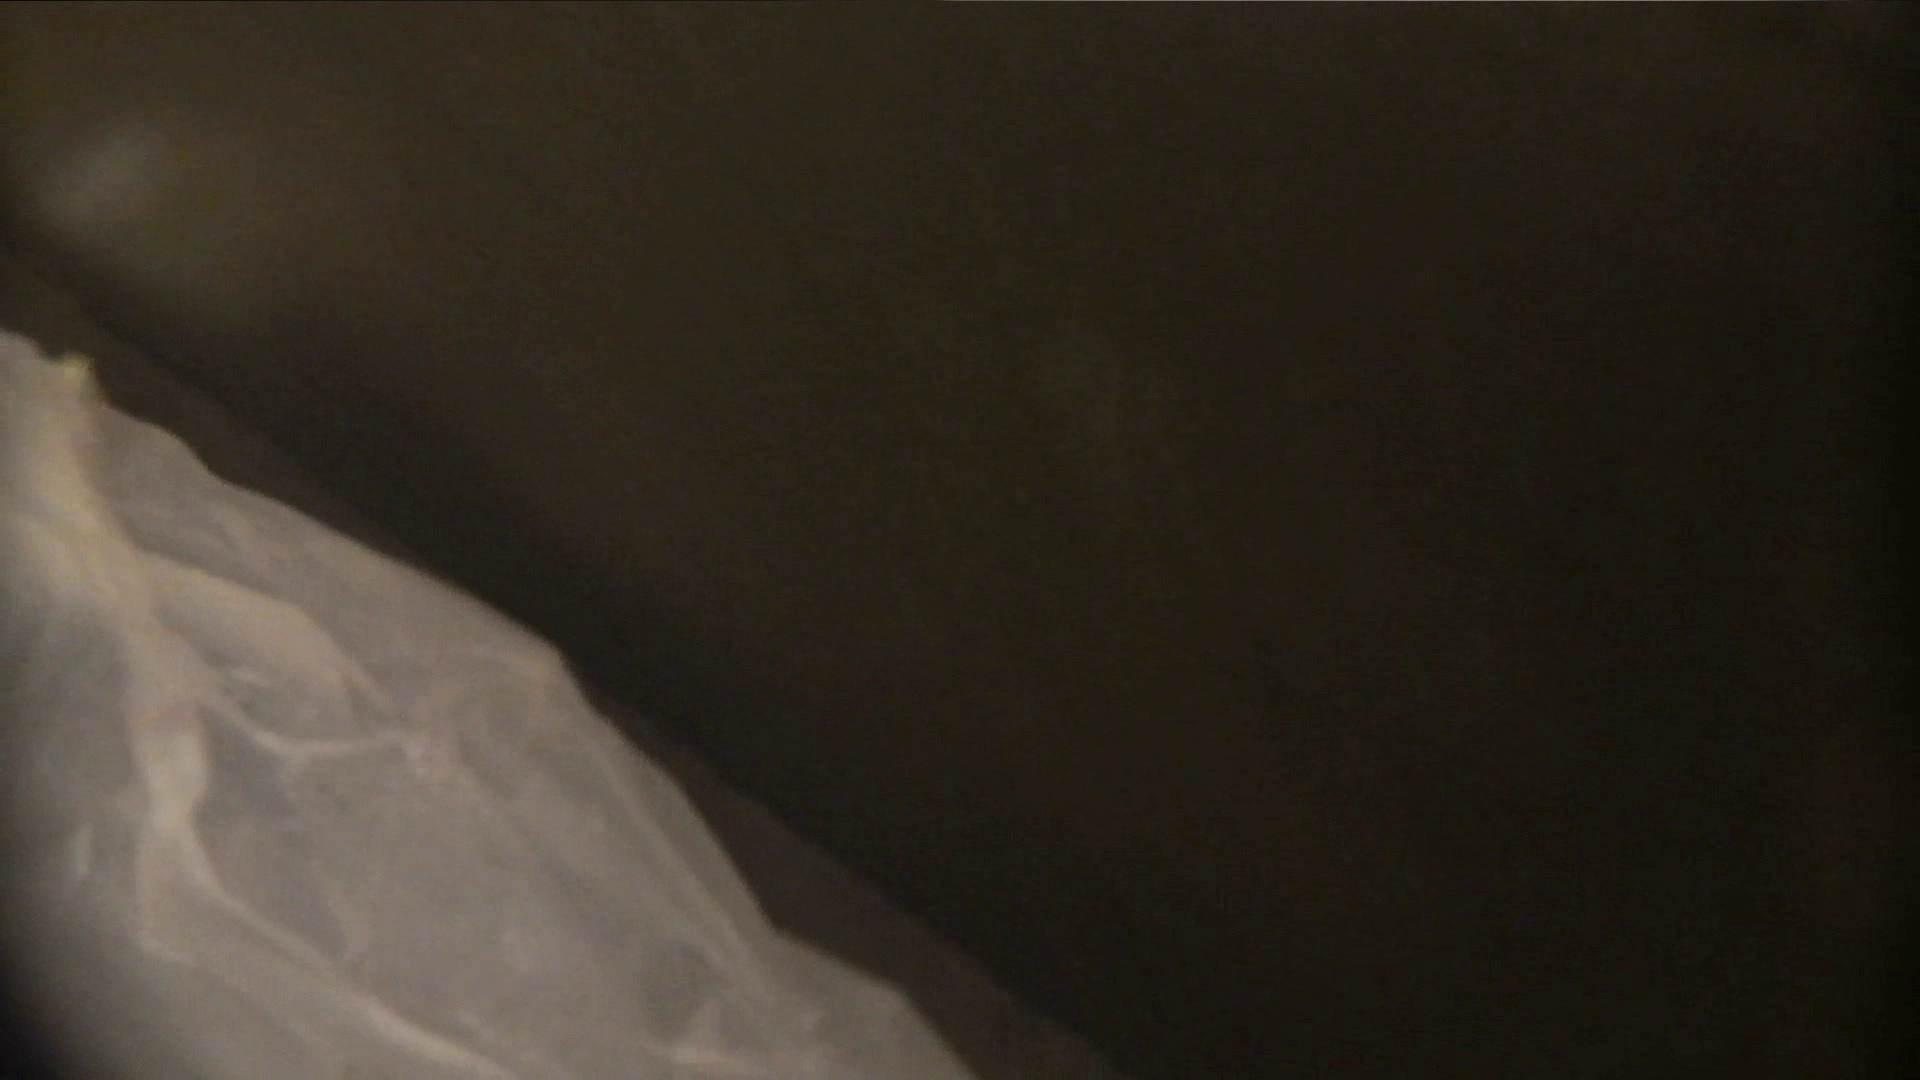 阿国ちゃんの「和式洋式七変化」No.5 洗面所   和式  92PIX 11